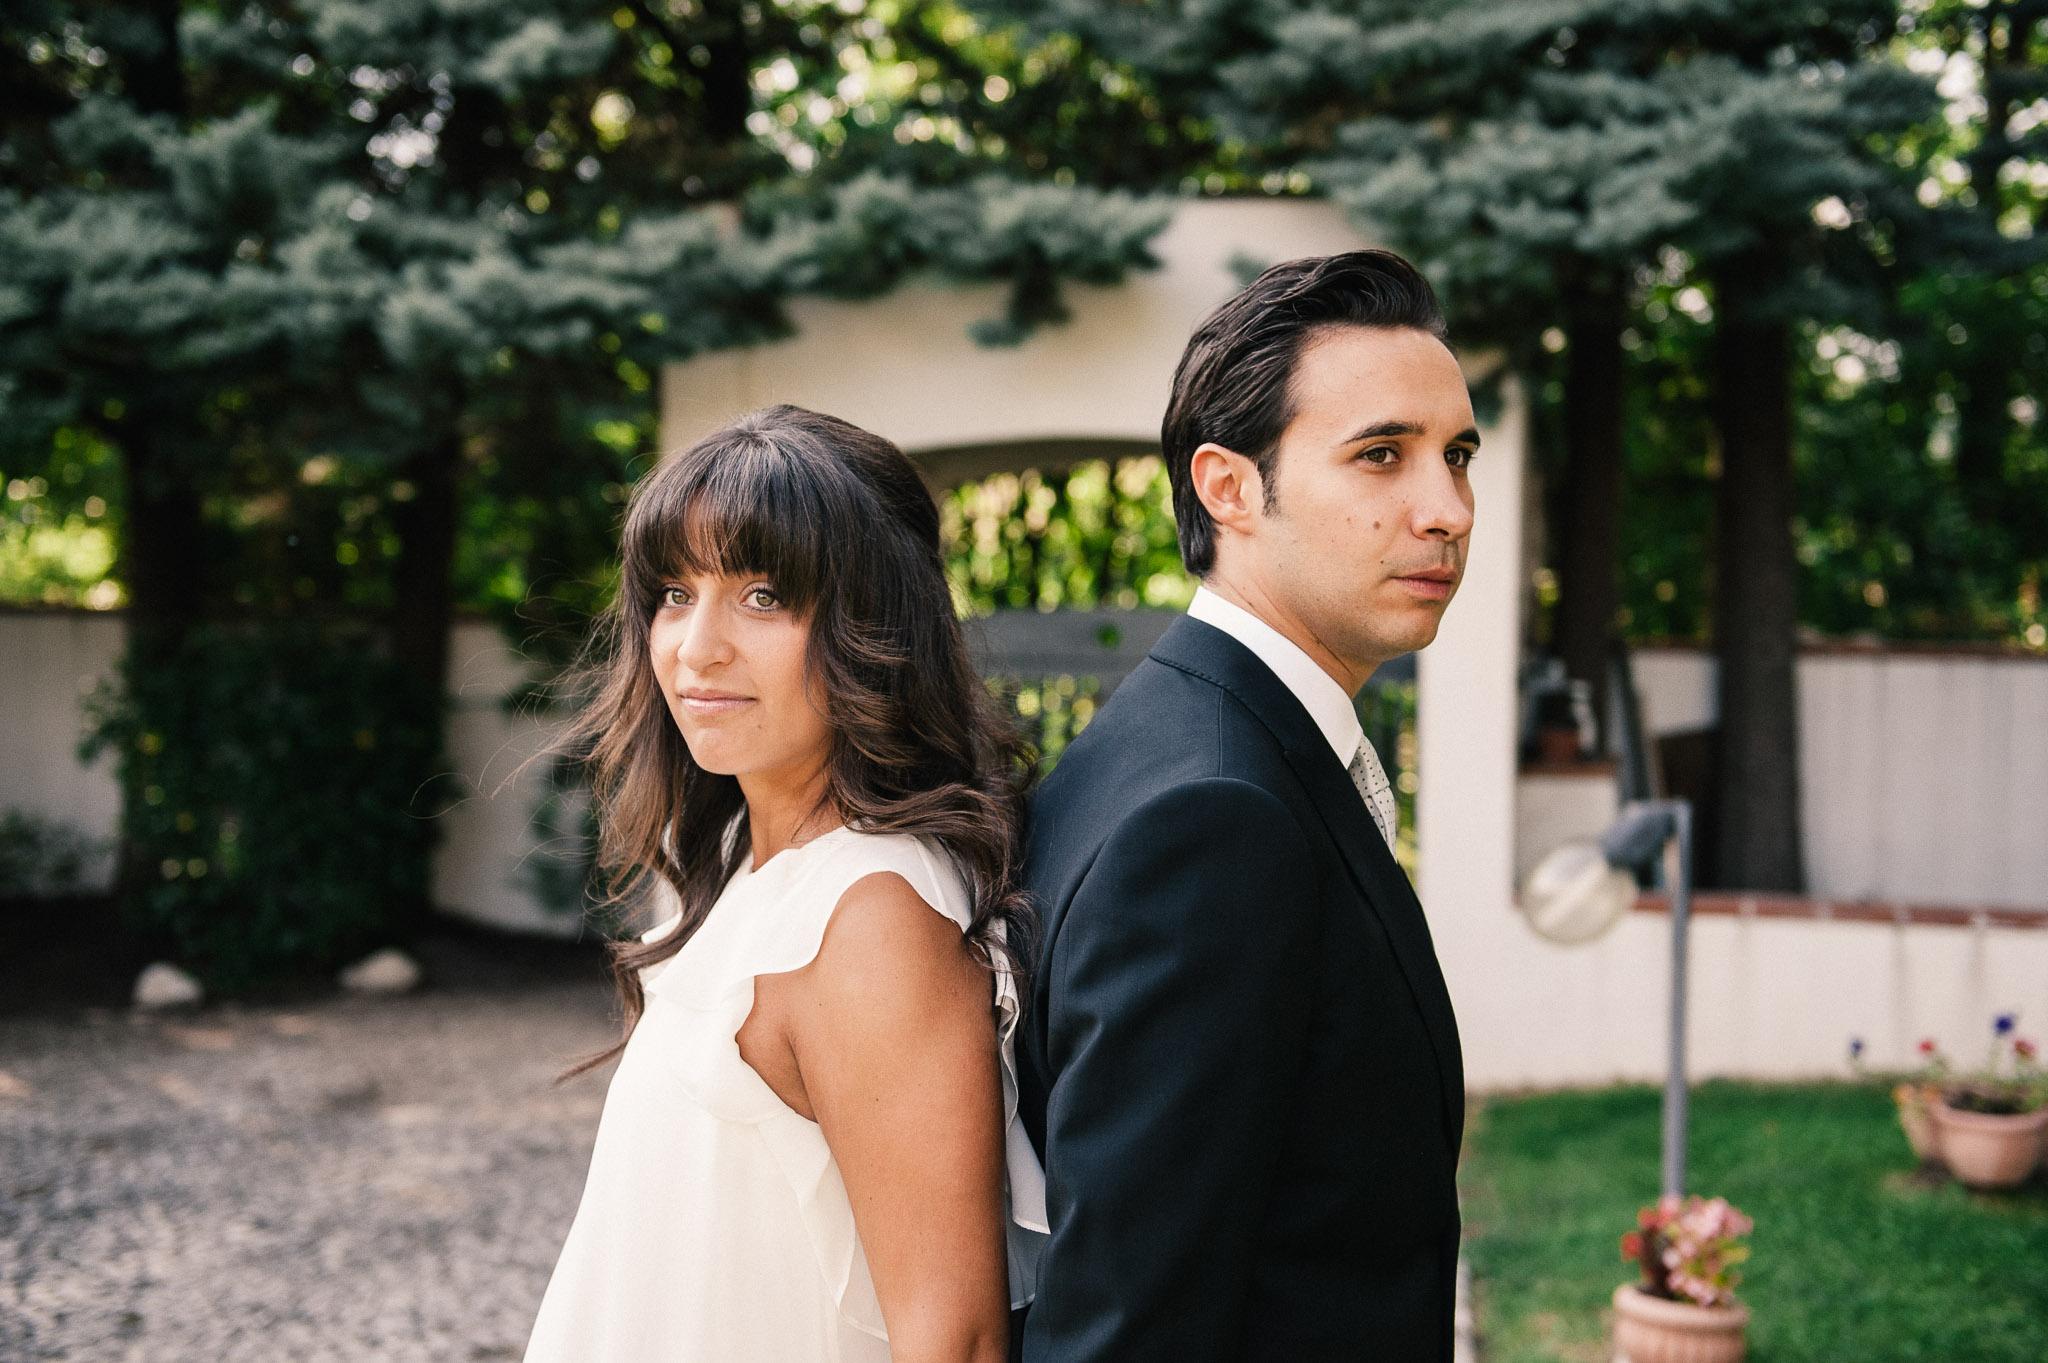 boda en italia_pablosalgado__PSB5904.jpg